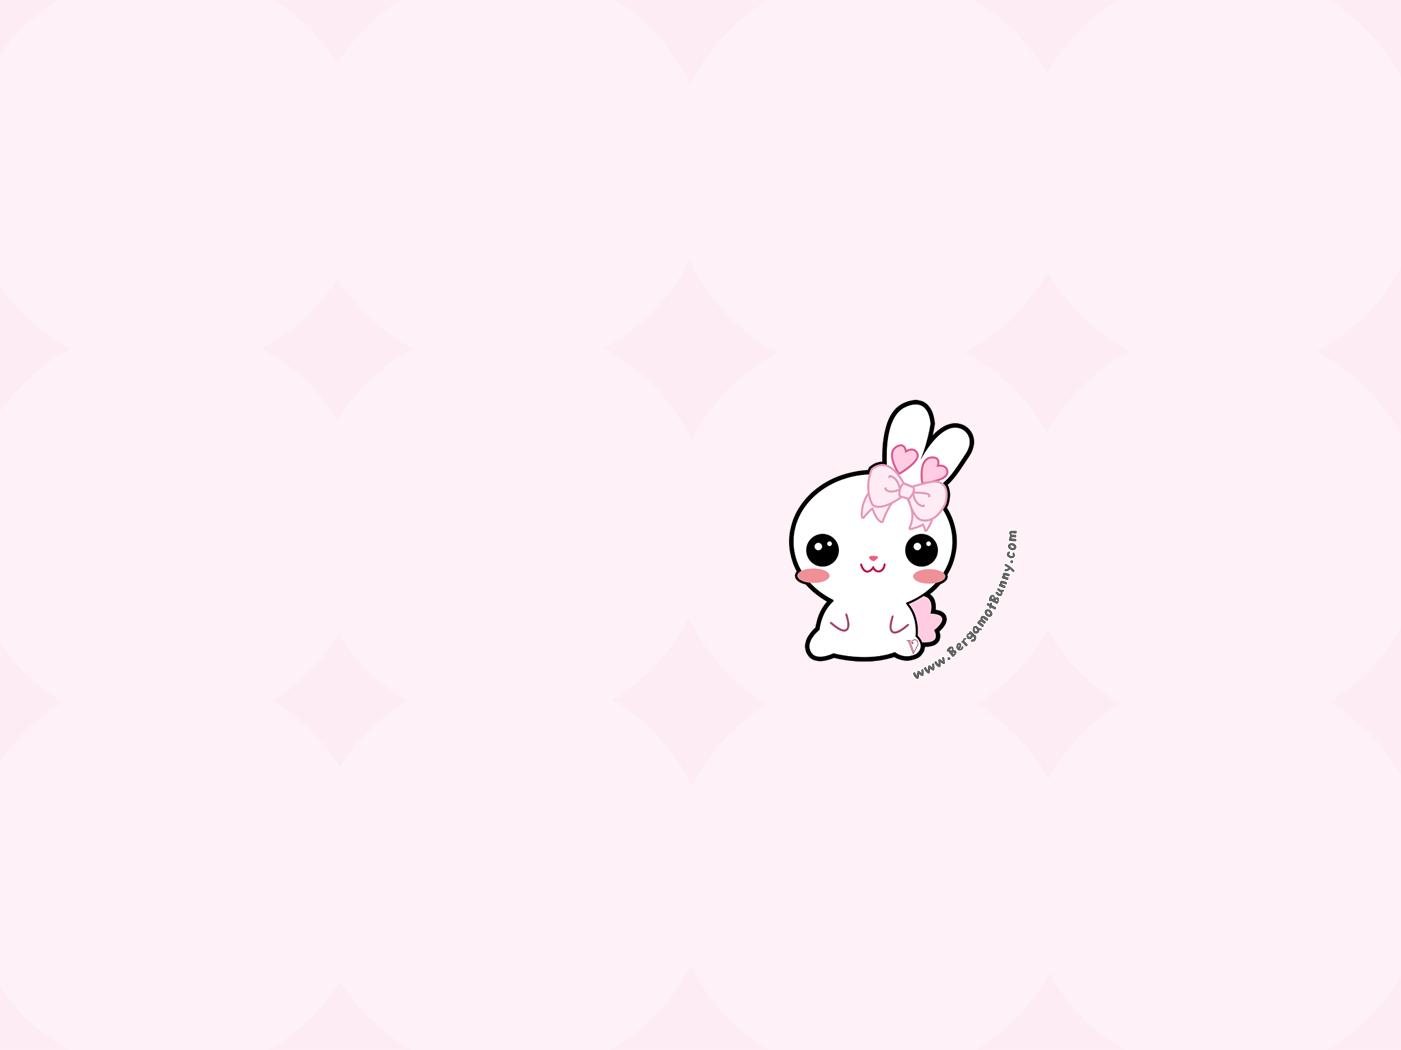 Pusheen Iphone Wallpaper Cute Hachi Kawaii Wallpapers